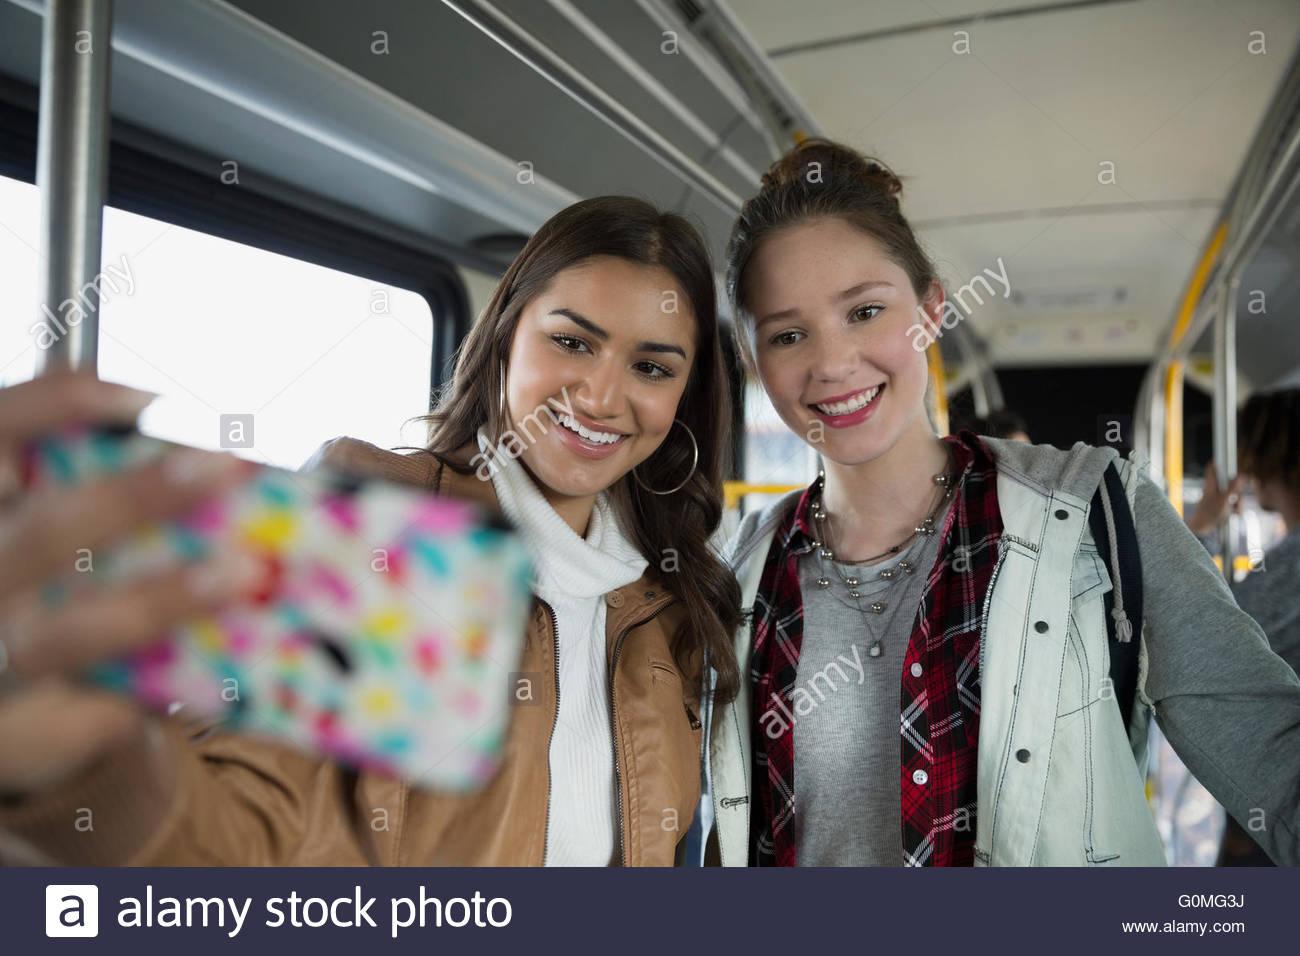 Les adolescentes en tenant un téléphone cellulaire selfies sur bus Photo Stock